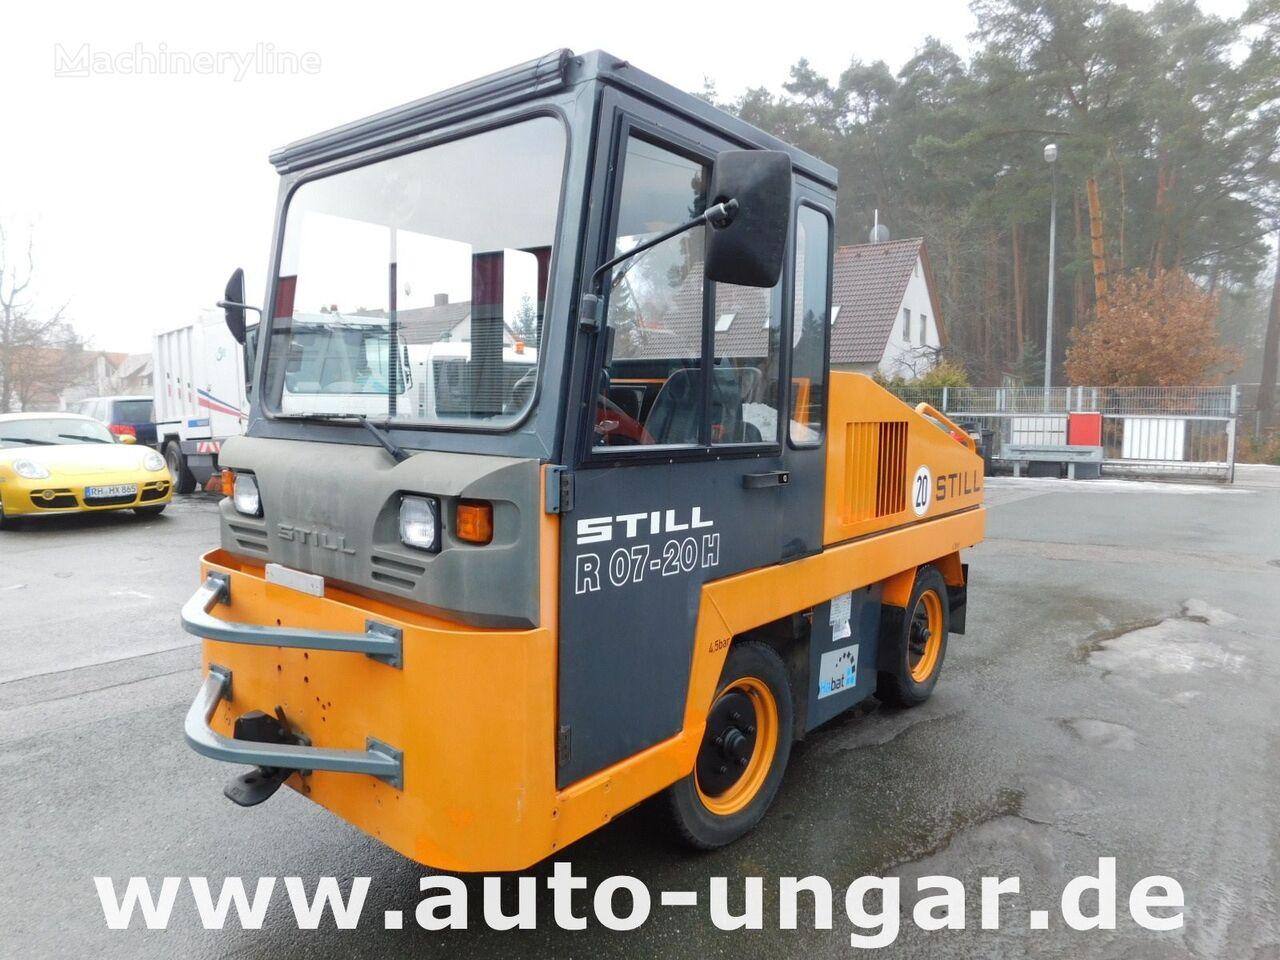 STILL R07-20H Hybrid Diesel - Elektro Schlepper Zugmaschine tractora especial